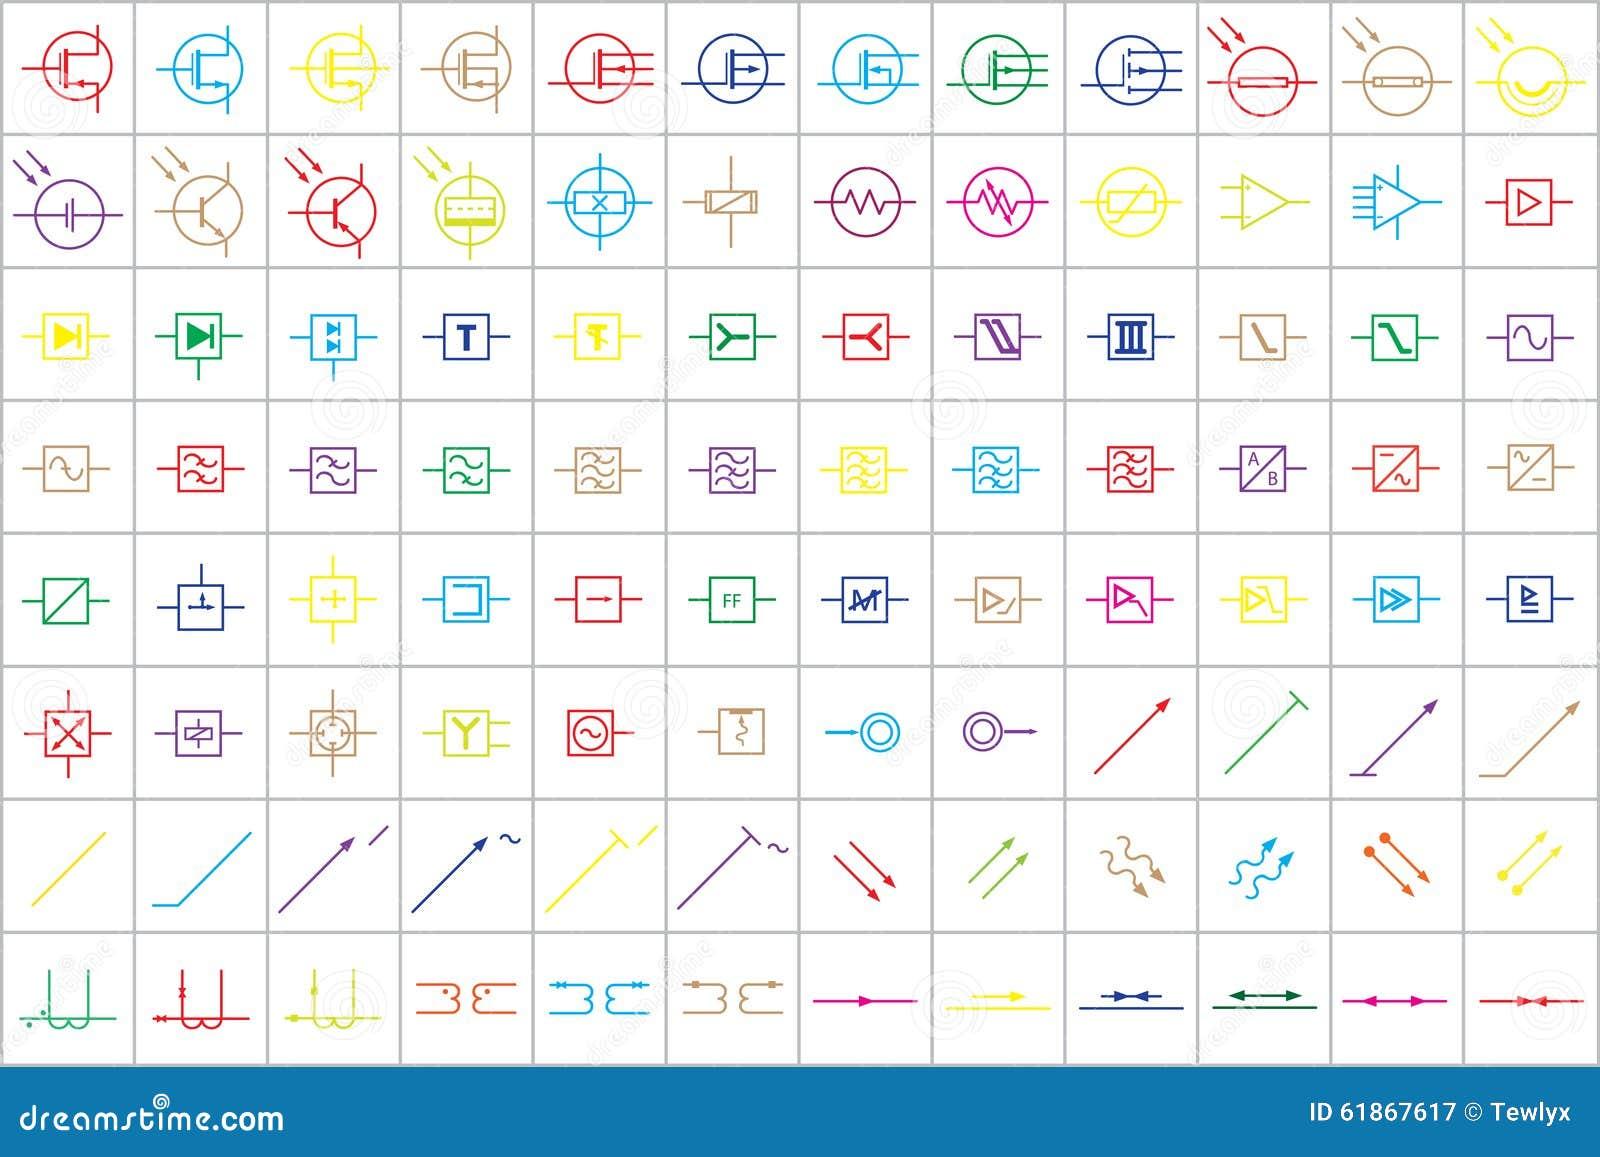 96 Elektronische Und Elektrische Symbole V 3 Vektor Abbildung ...